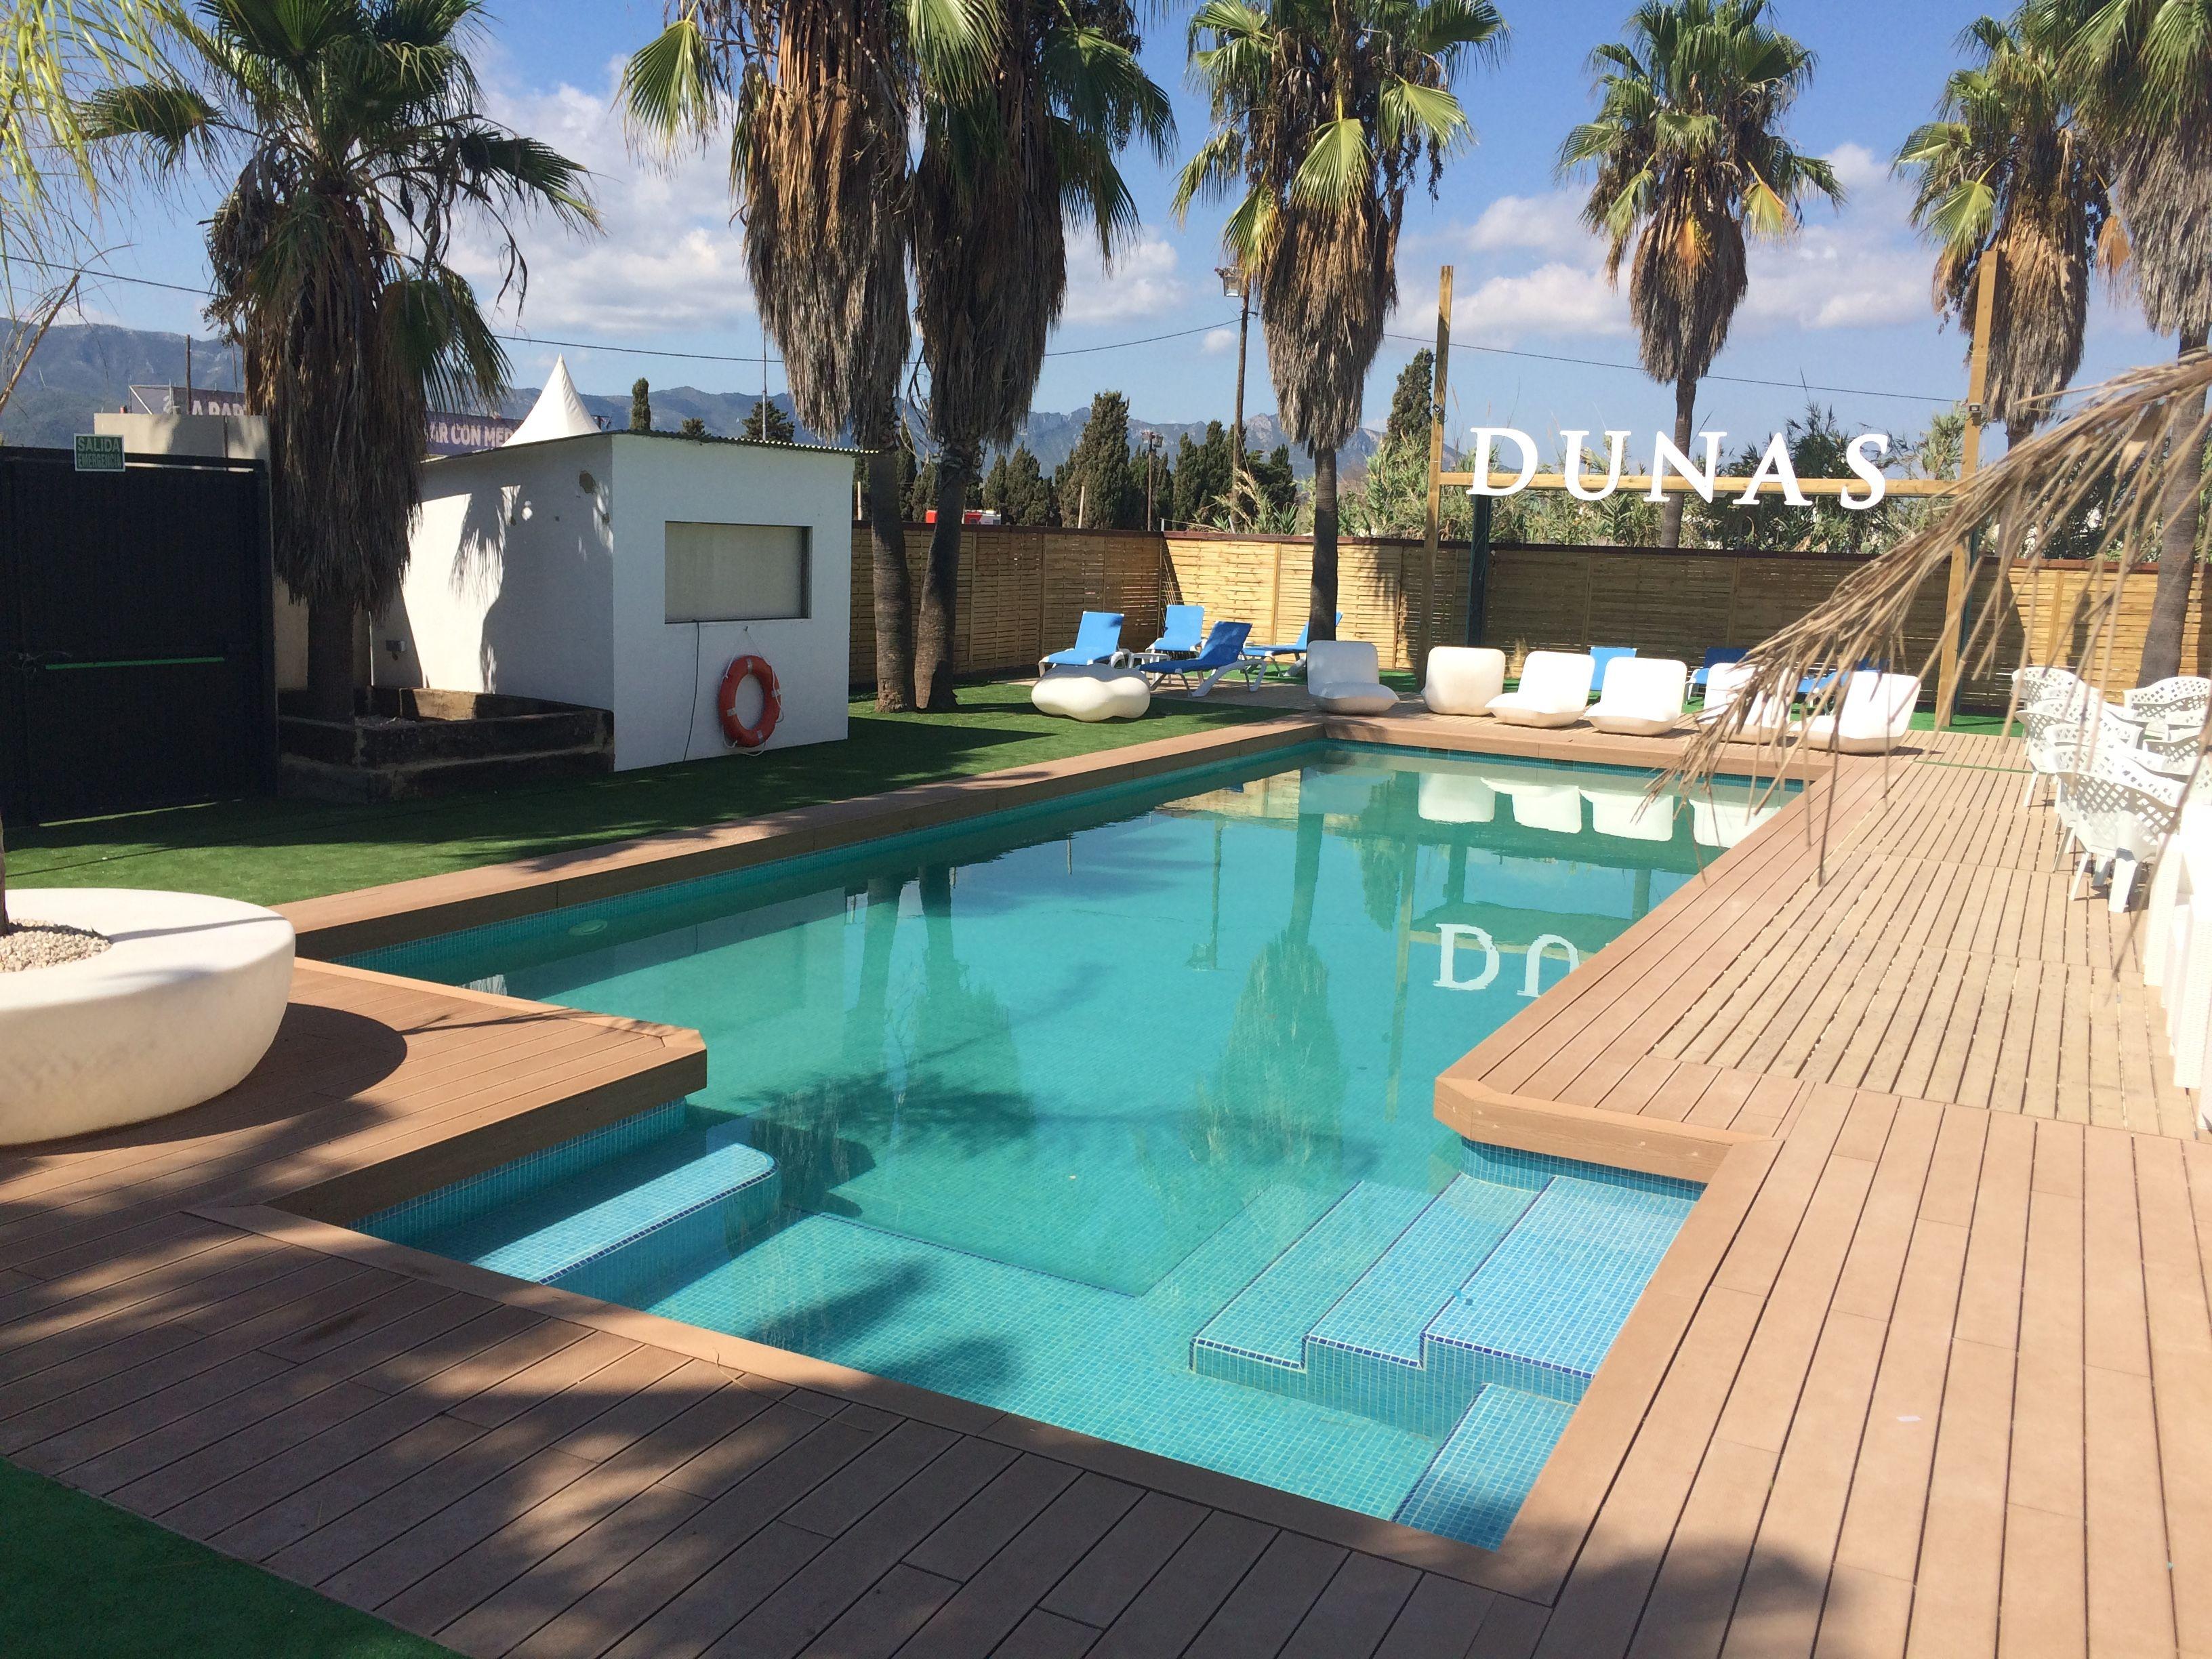 Piscina de hormig n empresa valenciana especializada en for Empresas construccion piscinas